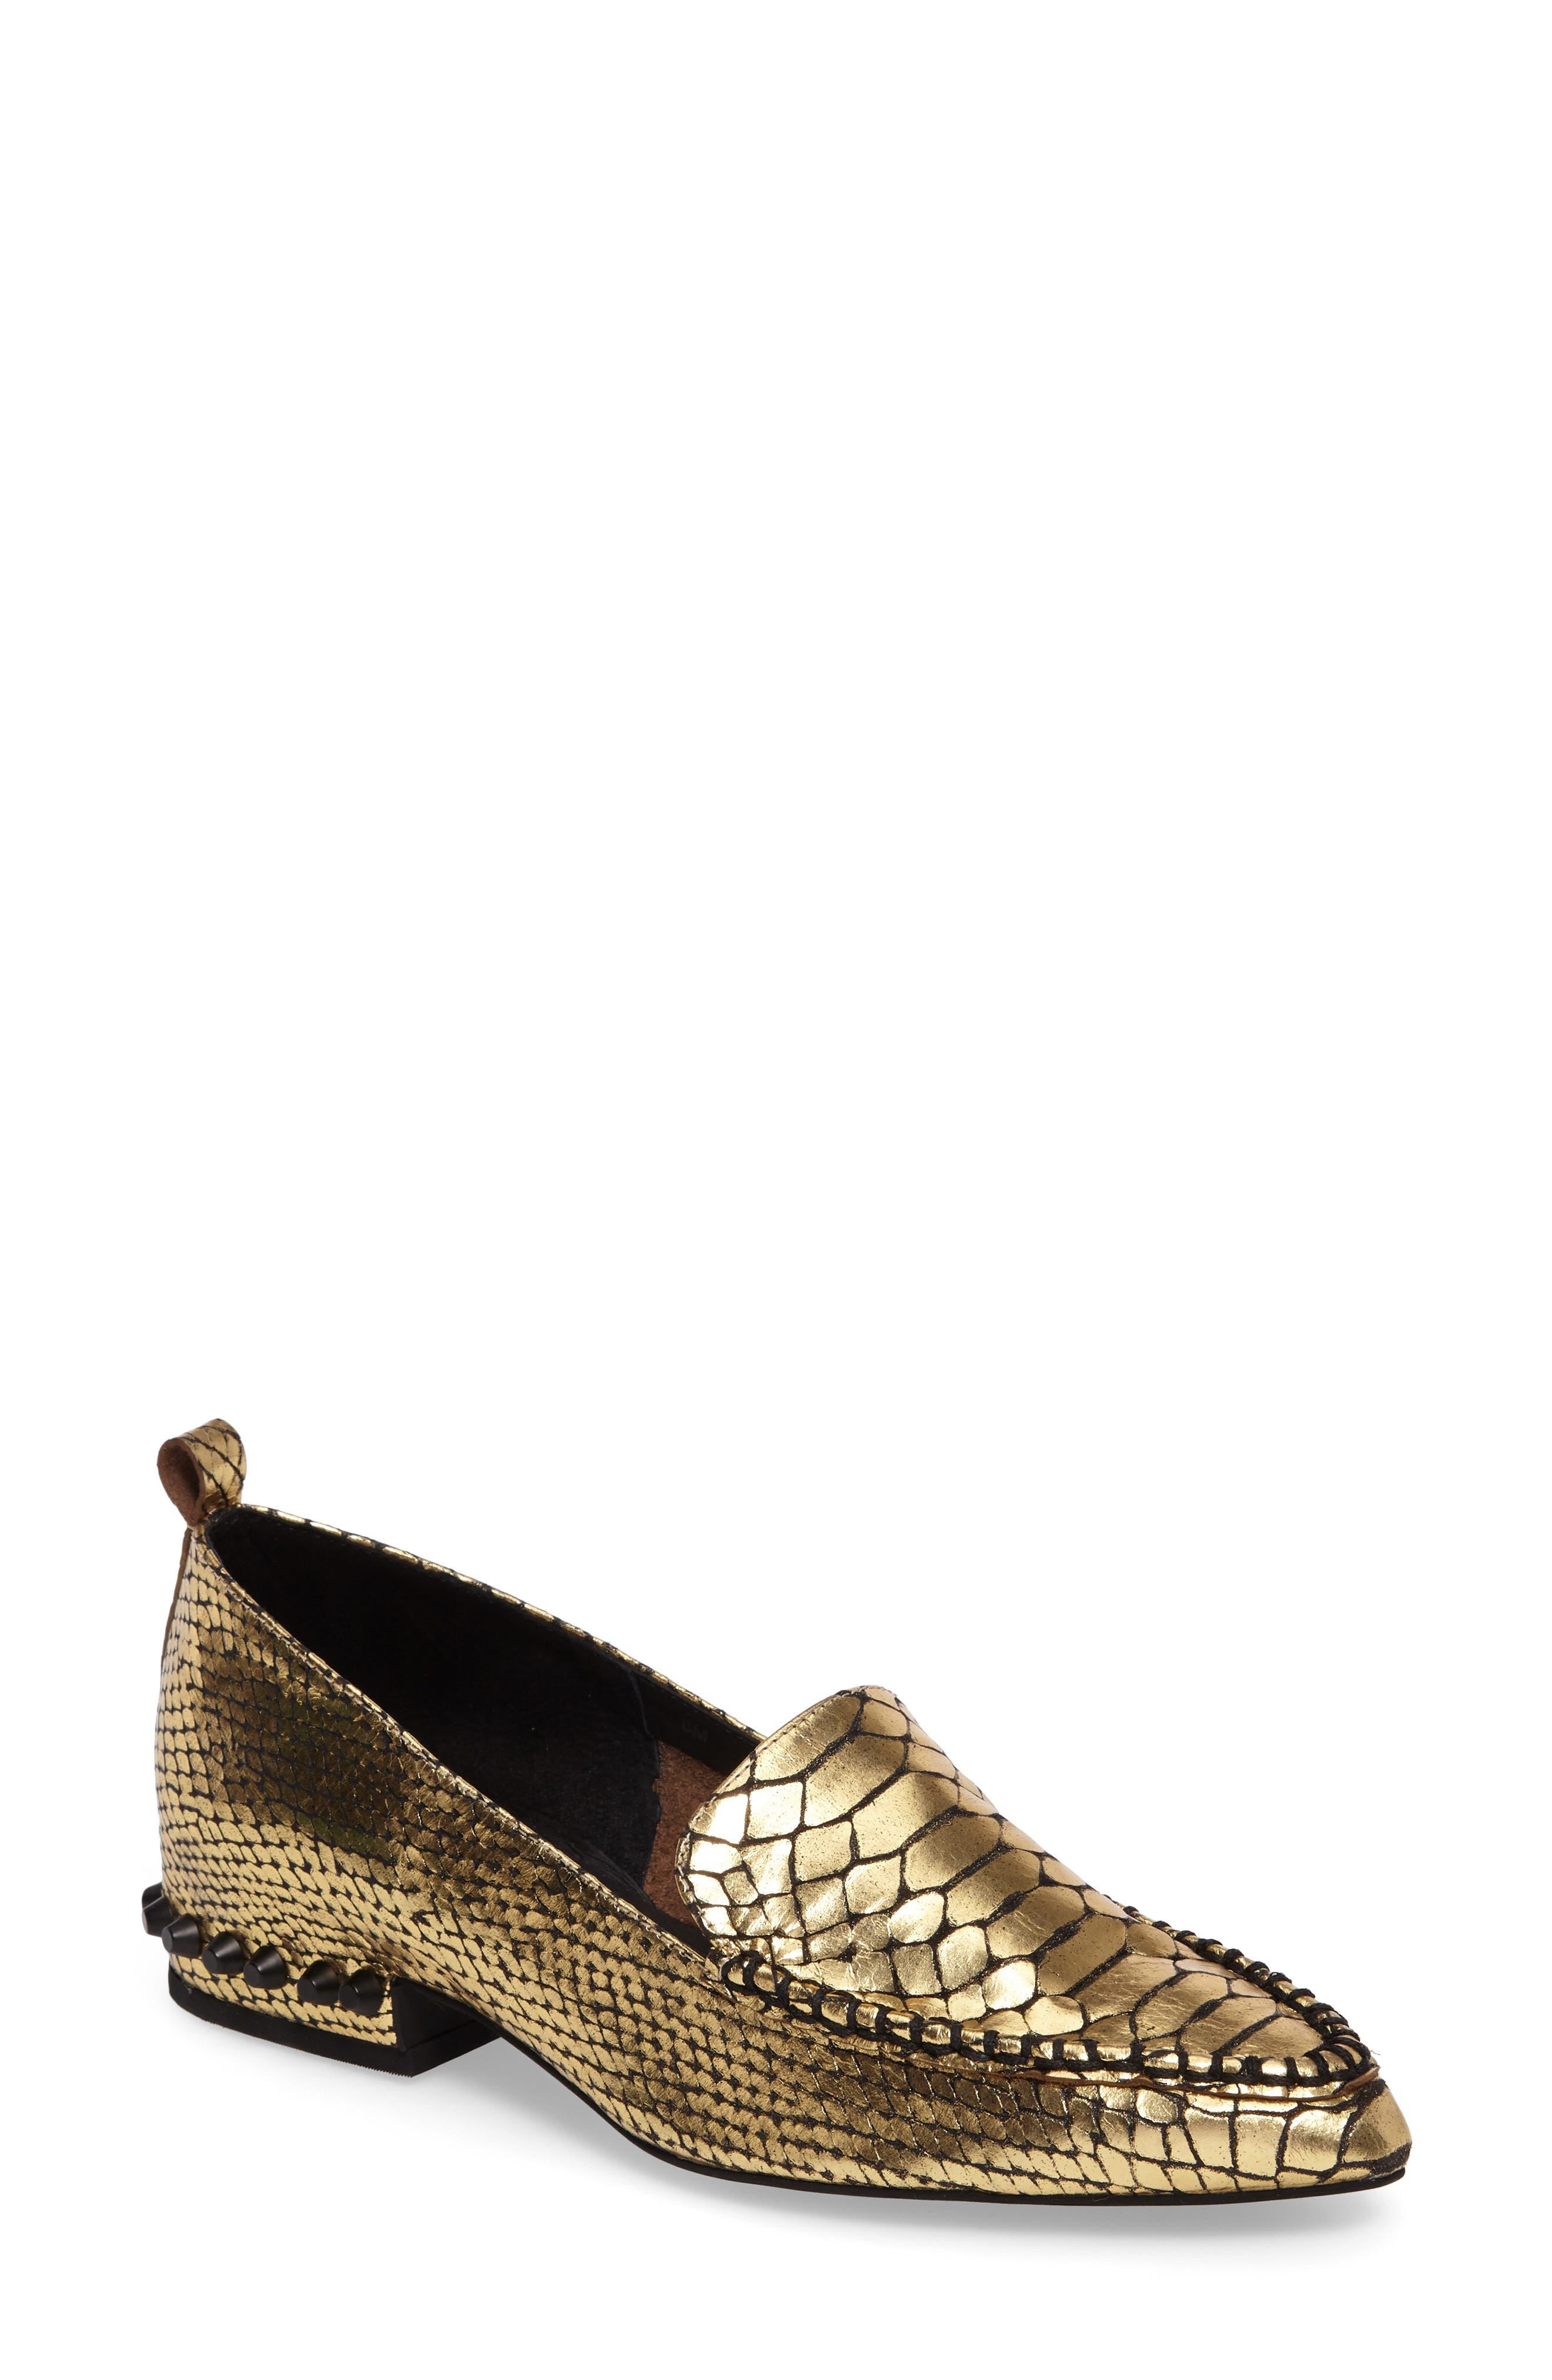 Main Image - Jeffrey Campbell Barnett Studded Loafer (Women)